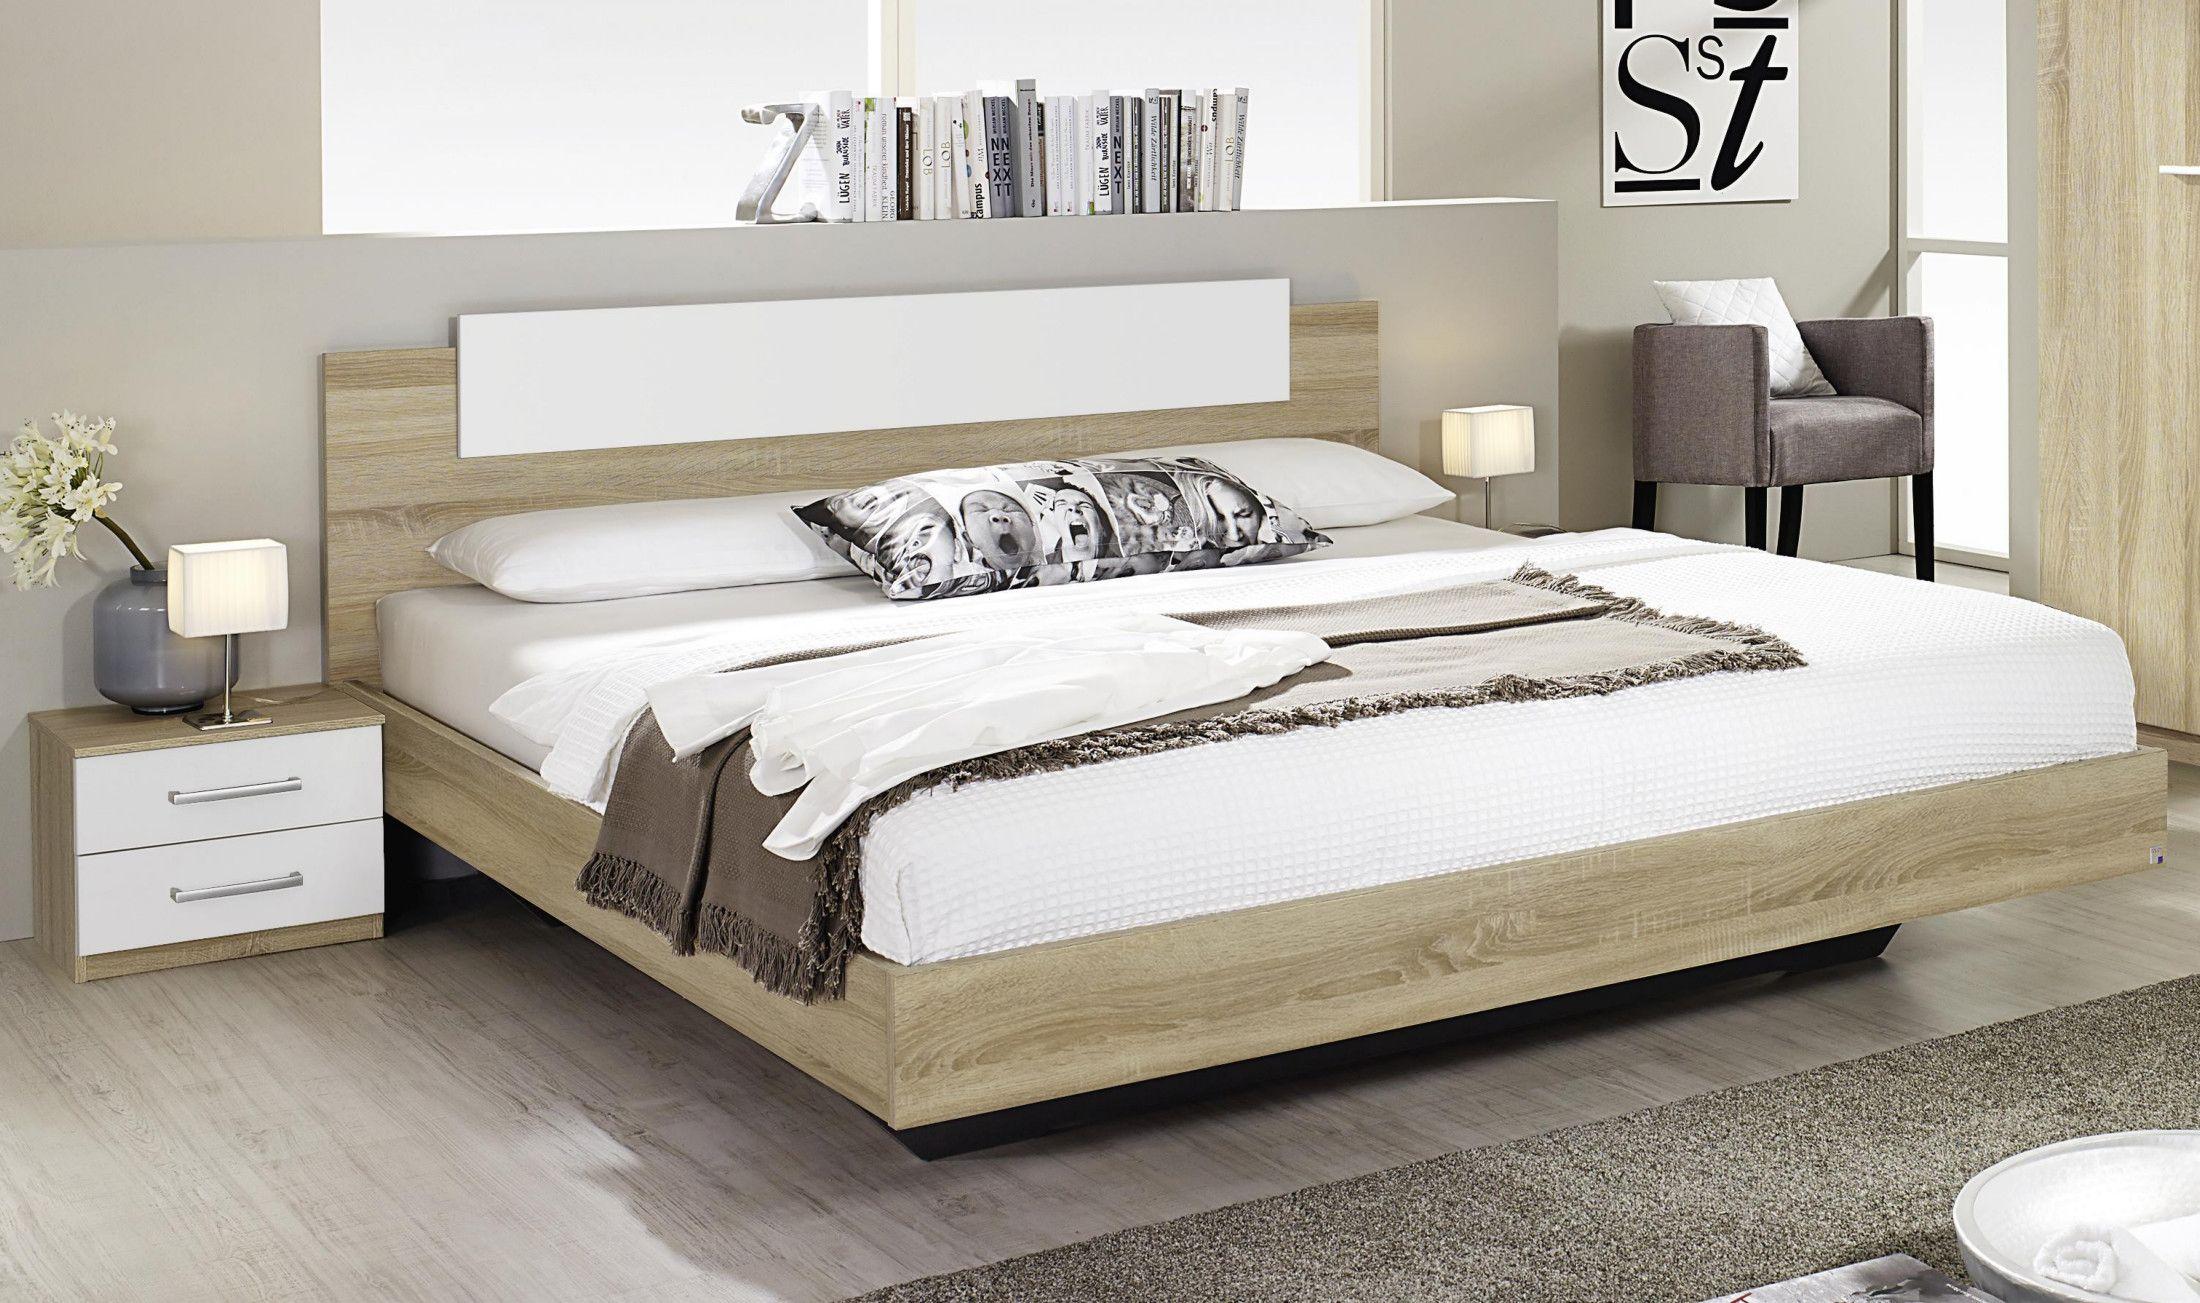 Bett 180 X 200 Cm Eiche Sonoma Mit Nakos Rauch Packs Borba Extra Modern Jetzt Bestellen Unte Komplettes Schlafzimmer Ideen Fur Kleine Schlafzimmer Vintage Bett